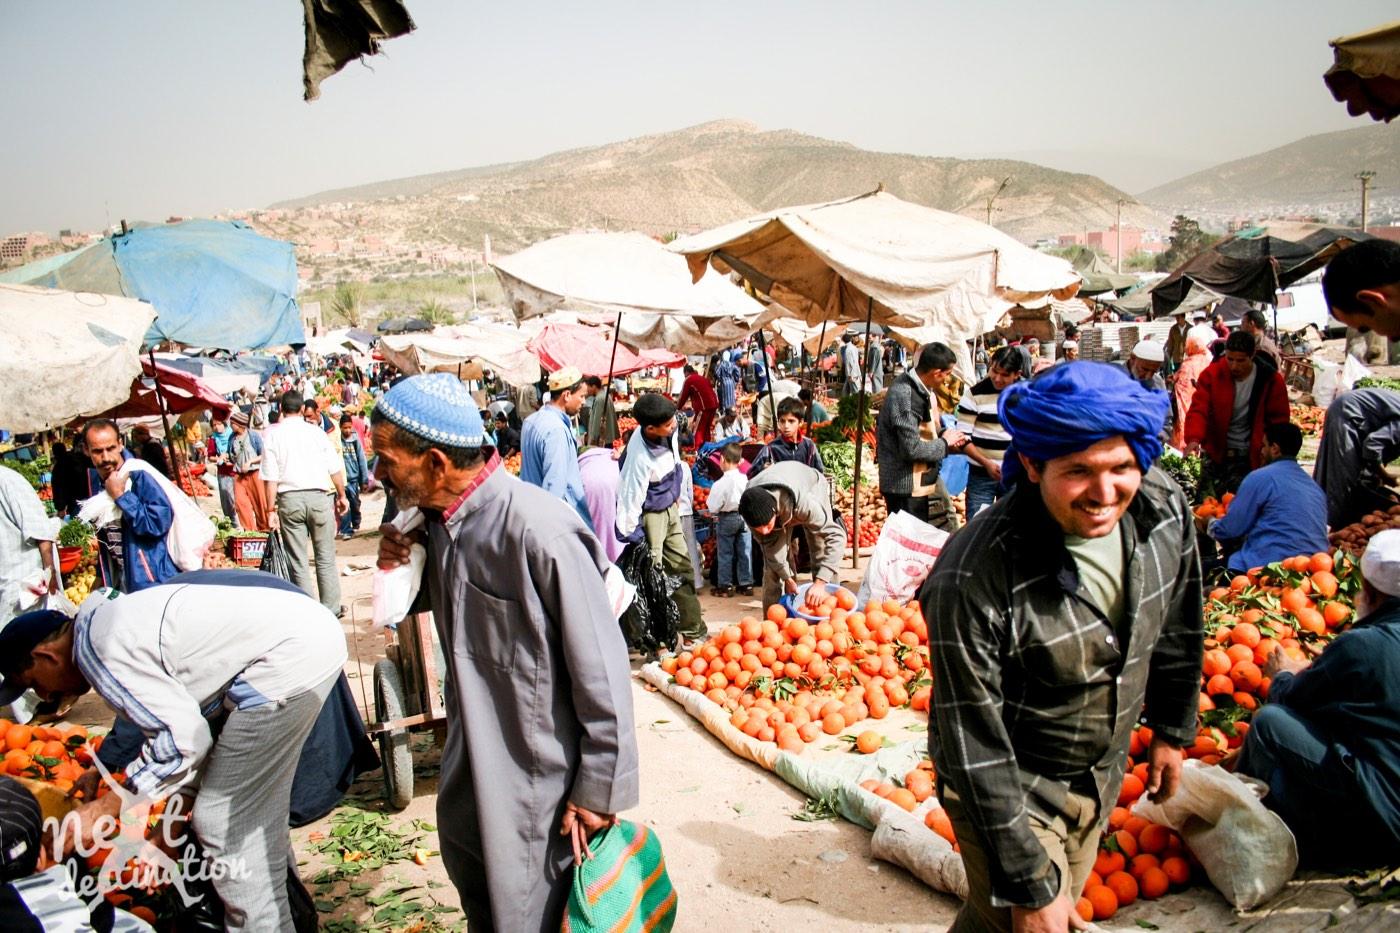 Taghazoutde souk (markt) in het dorpje Aourir